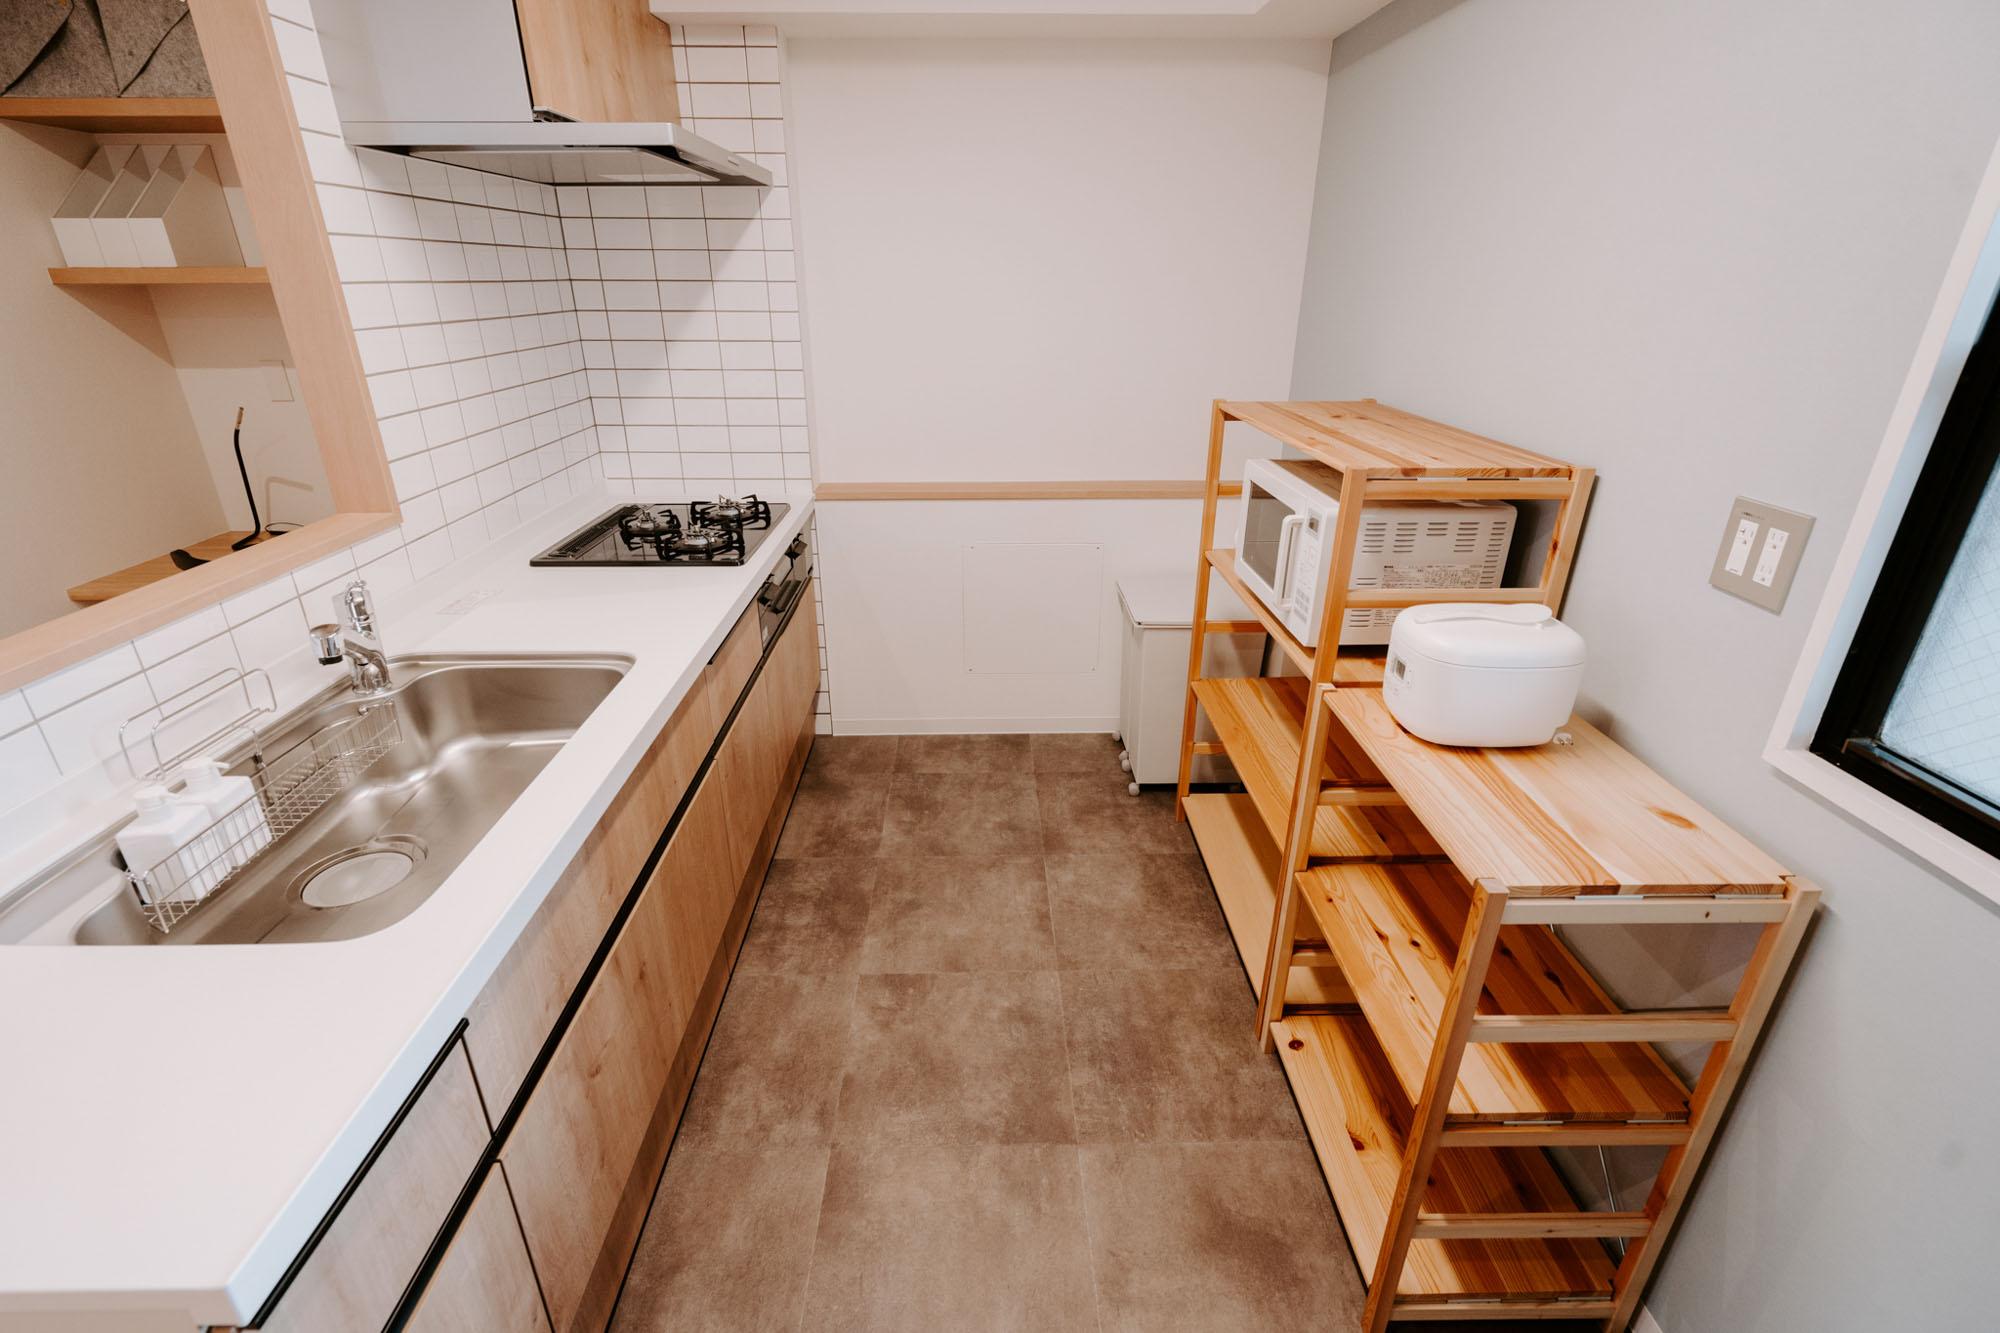 まずは、こだわりのキッチンから拝見しましょう!背面に食器棚を置いても、大人が余裕ですれ違うことのできるゆったりとした幅がとられていて、家族みんなで料理を楽しむことができそう。